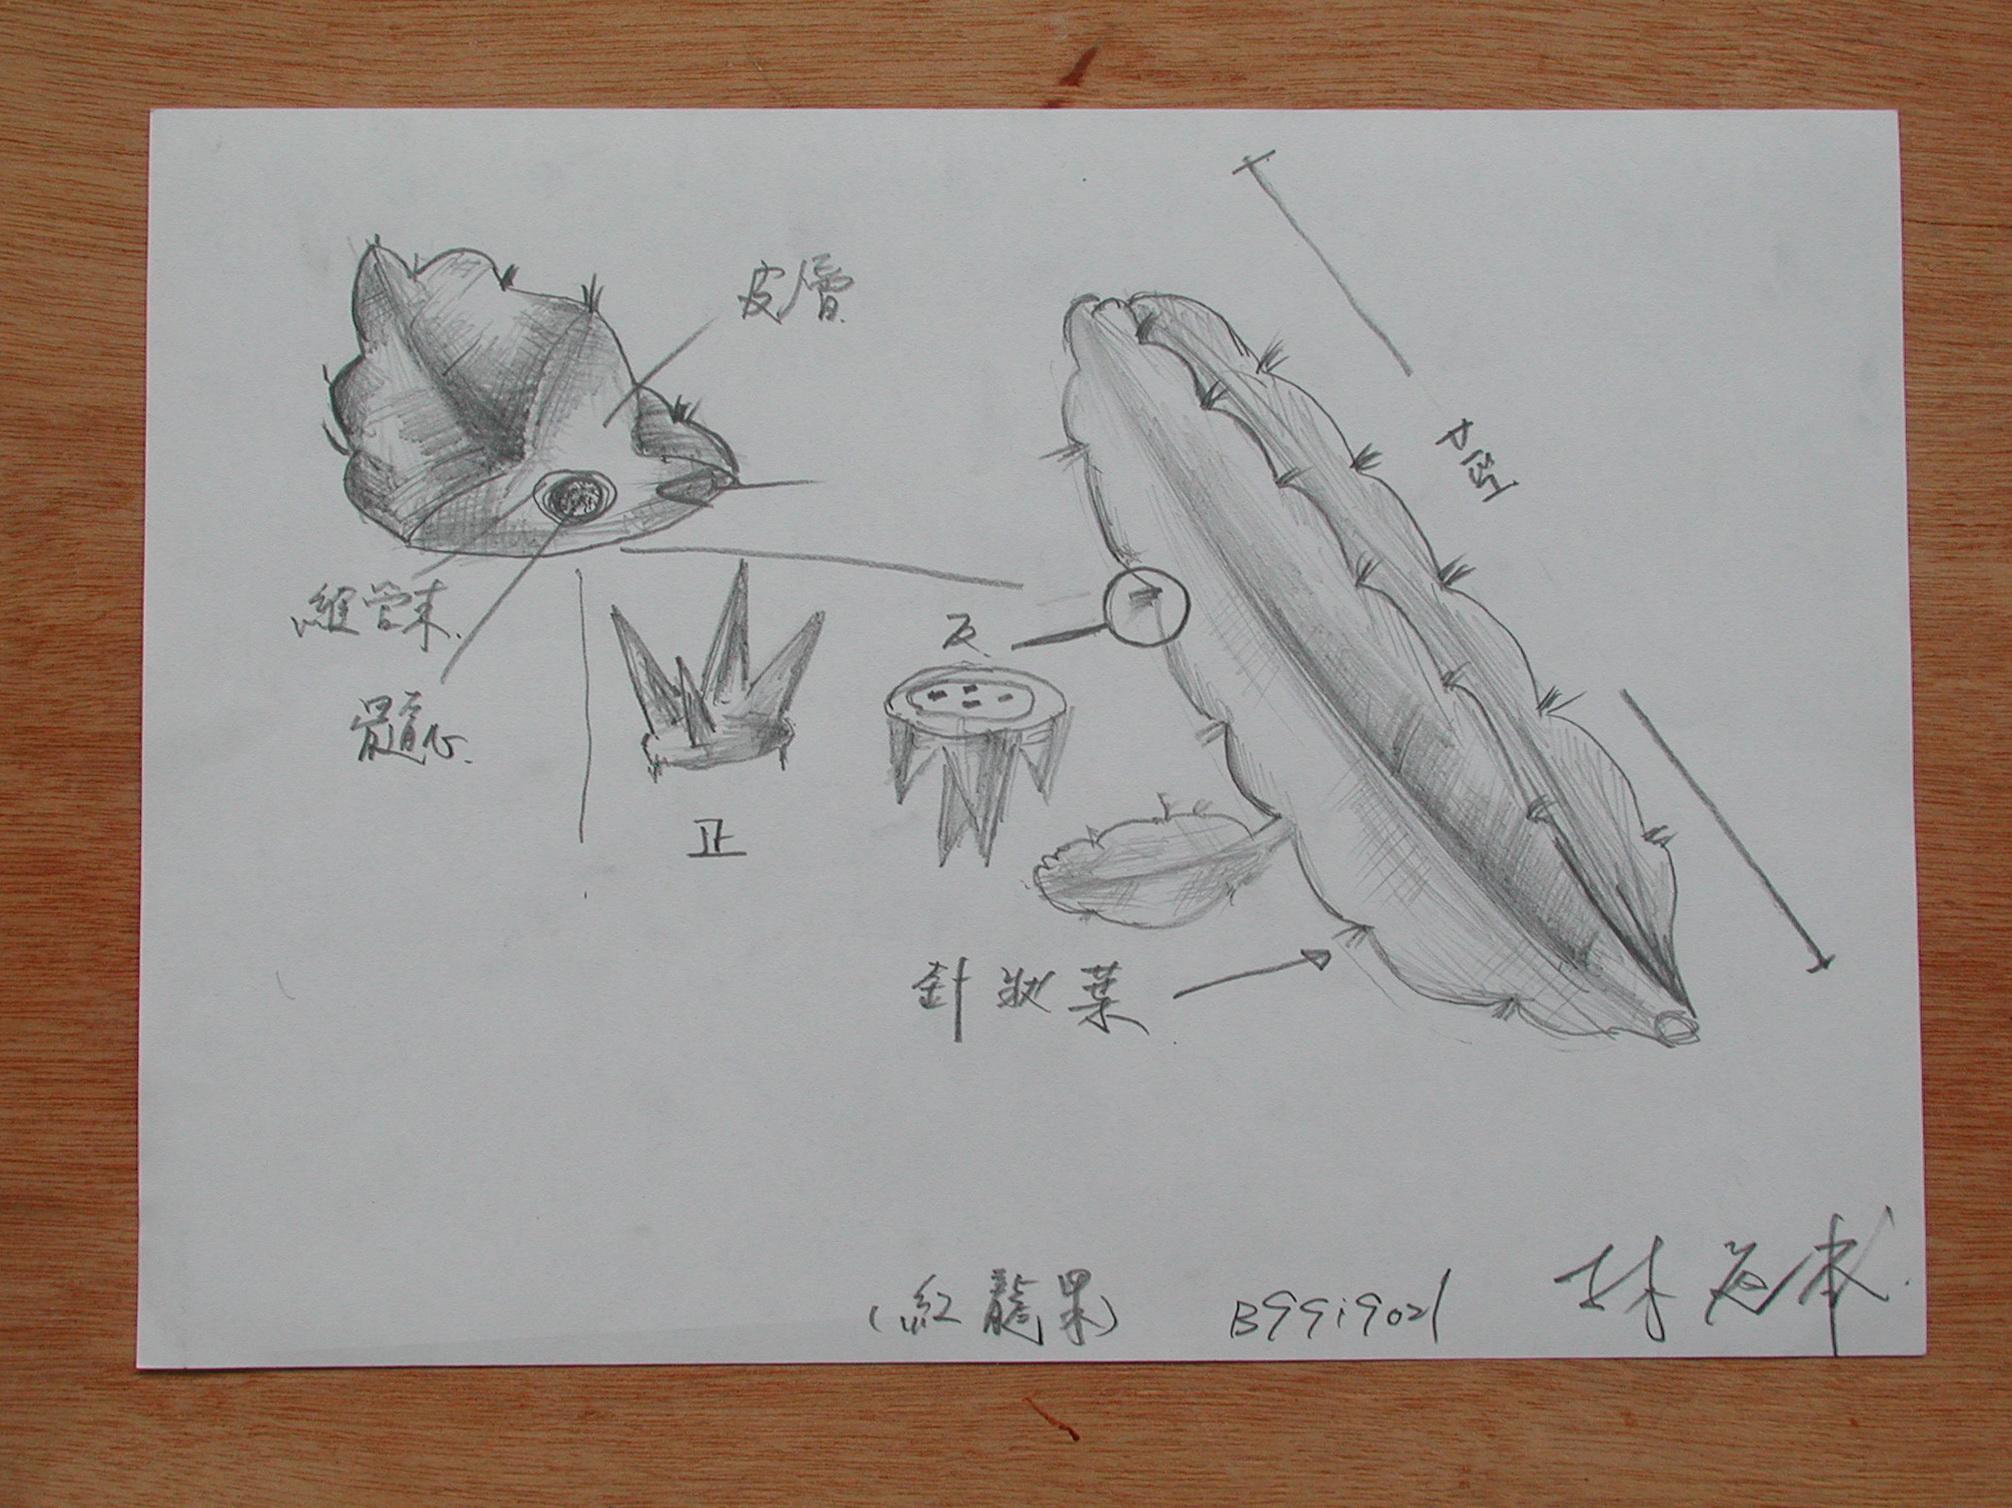 作业 b-仙人掌科